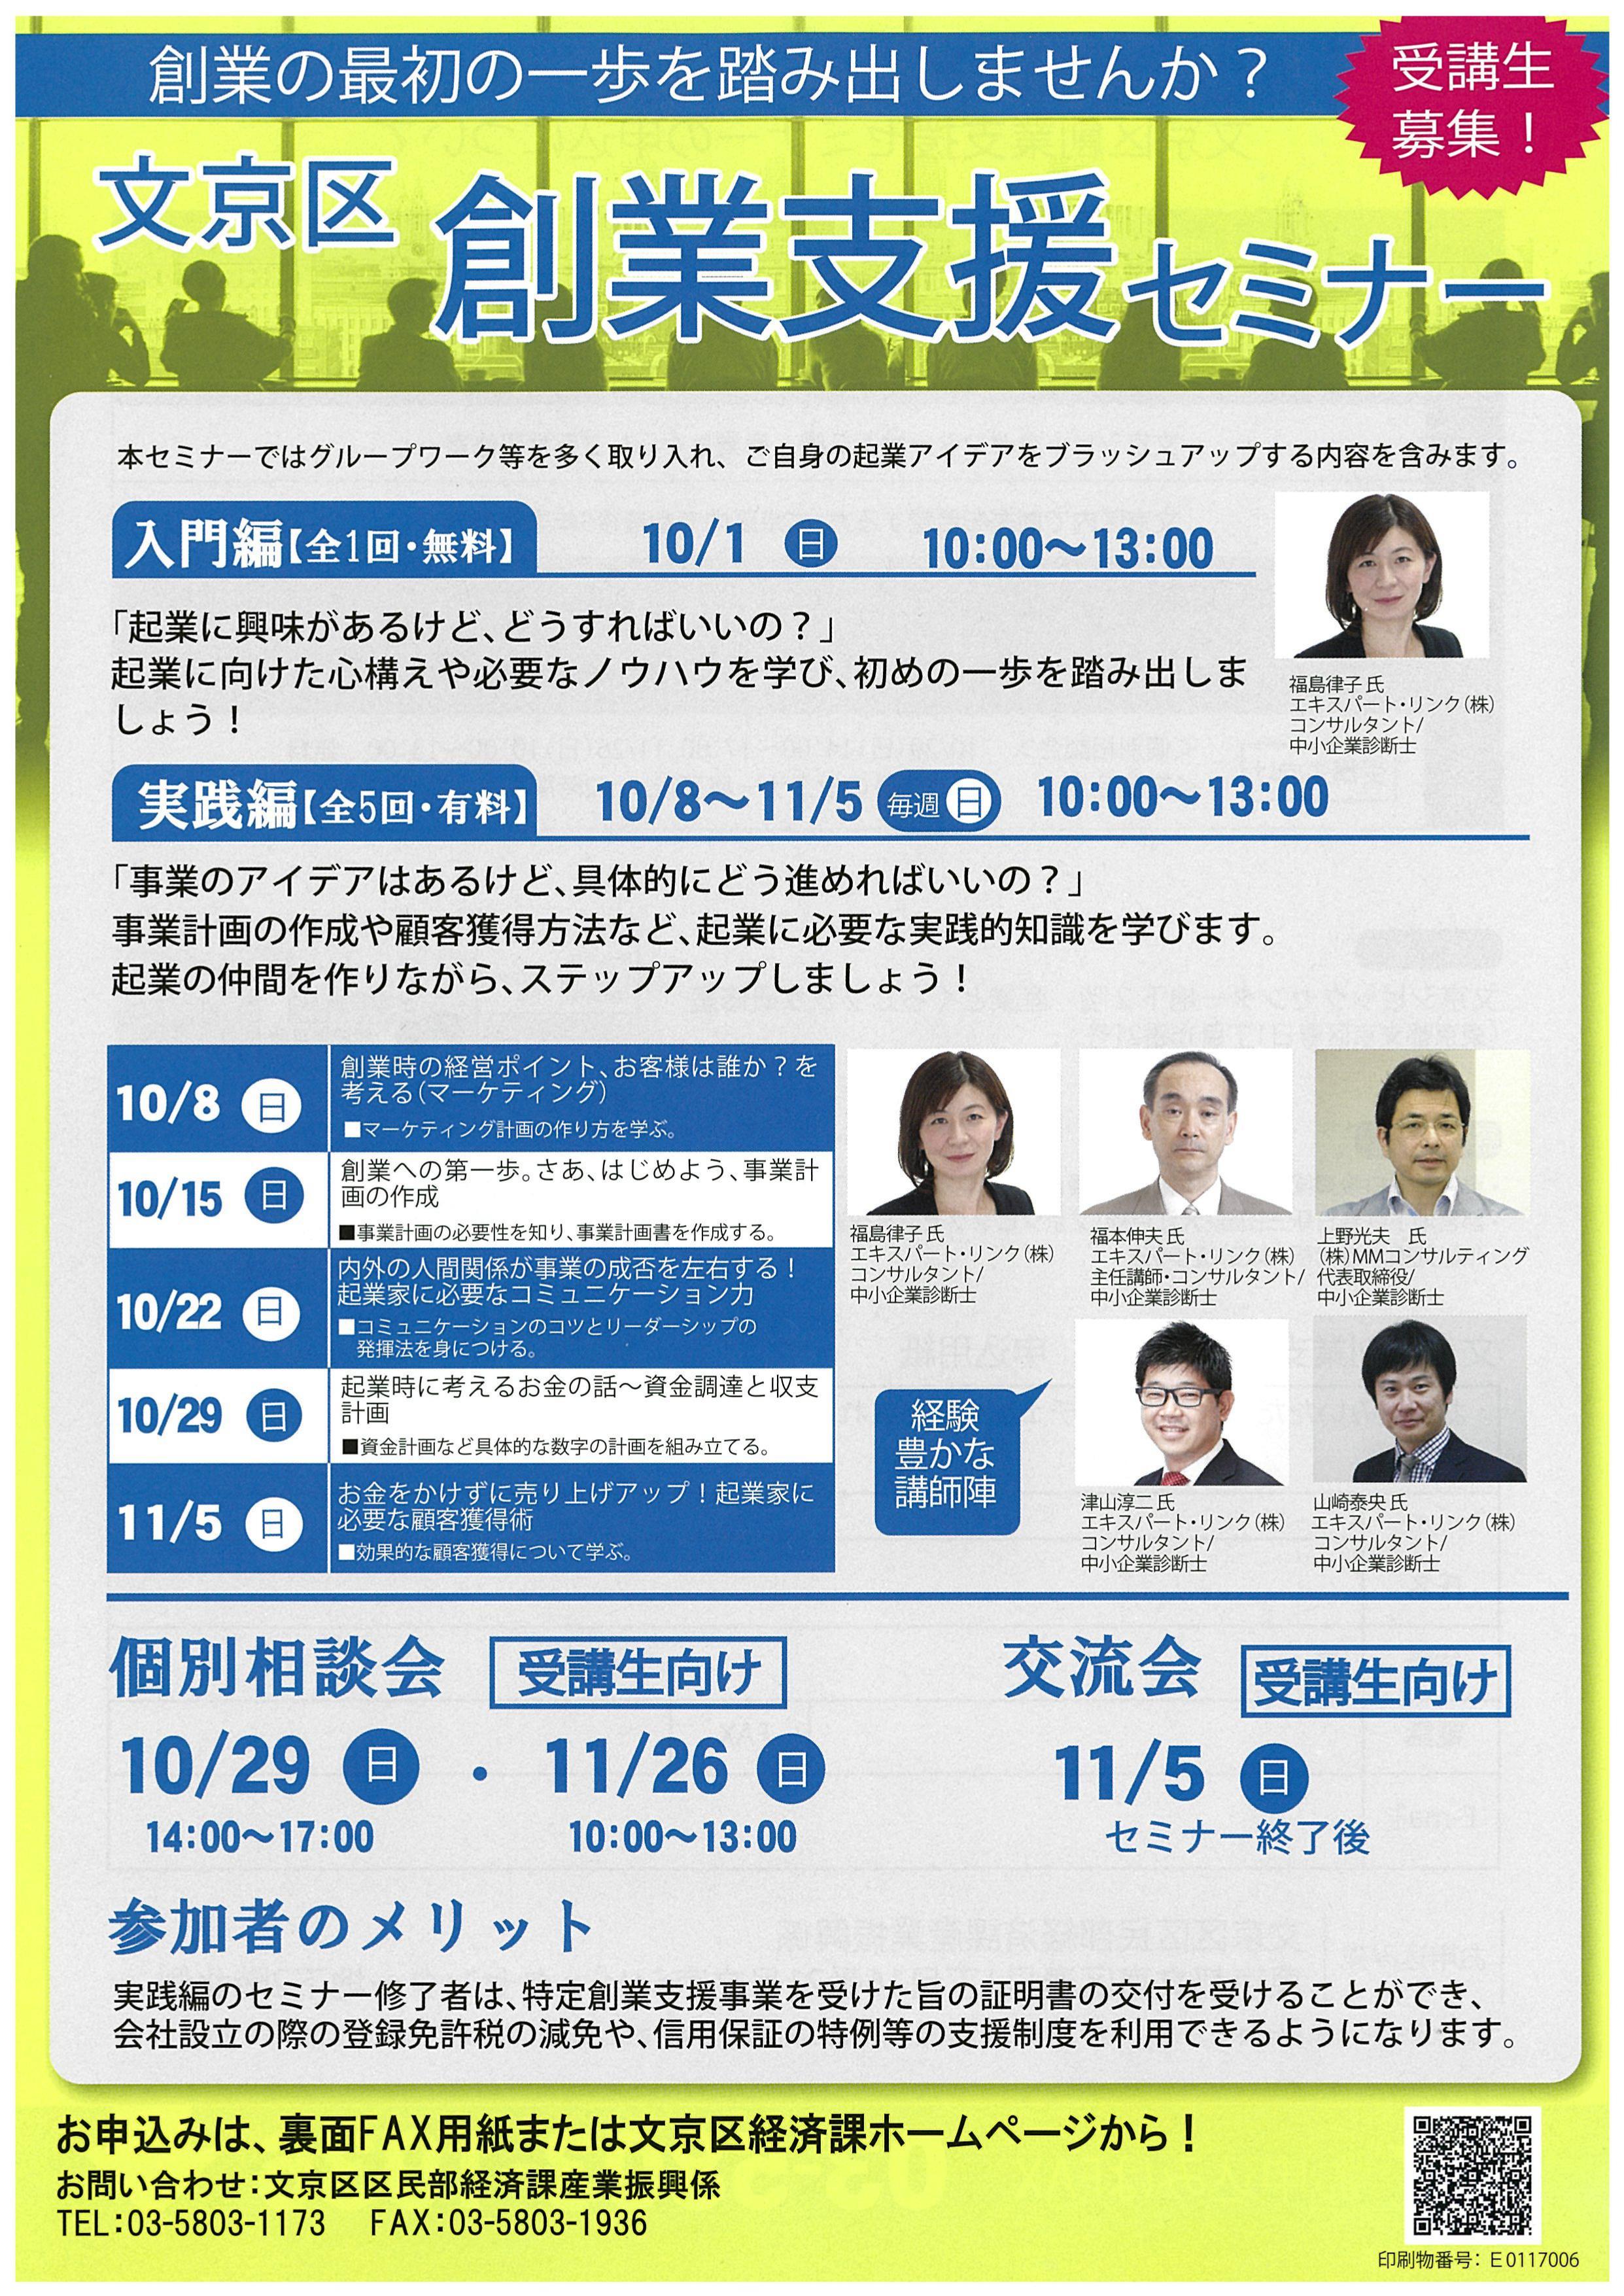 2017.10.29(日)文京区「創業支援セミナー」に登壇します。